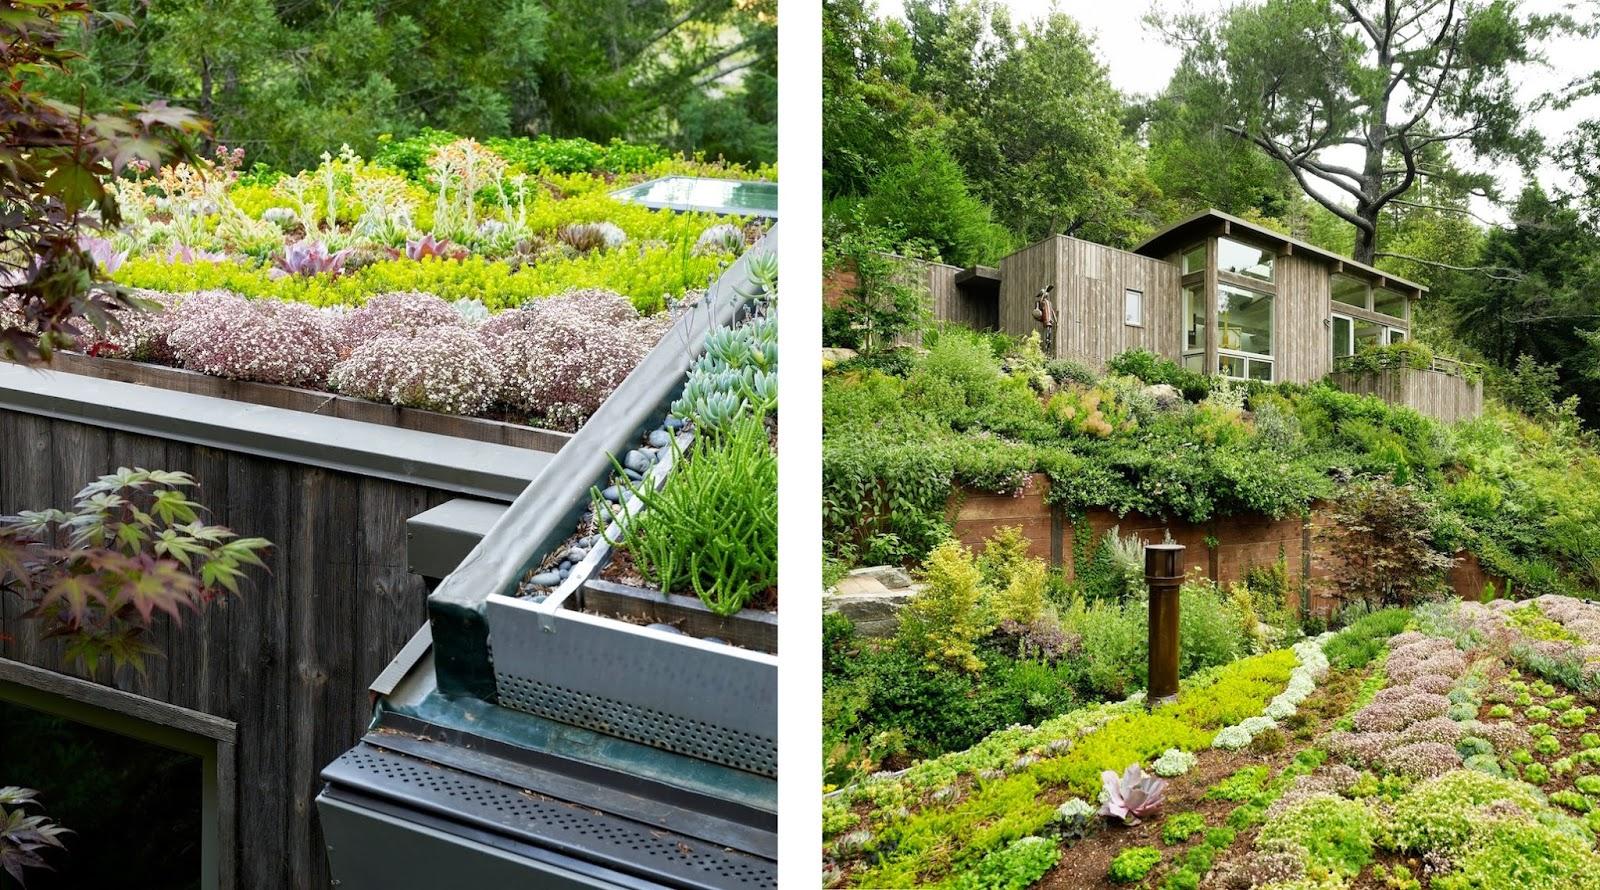 Autoconstrucci n c mo construir una cubierta vegetal - Cubiertas vegetales para tejados ...